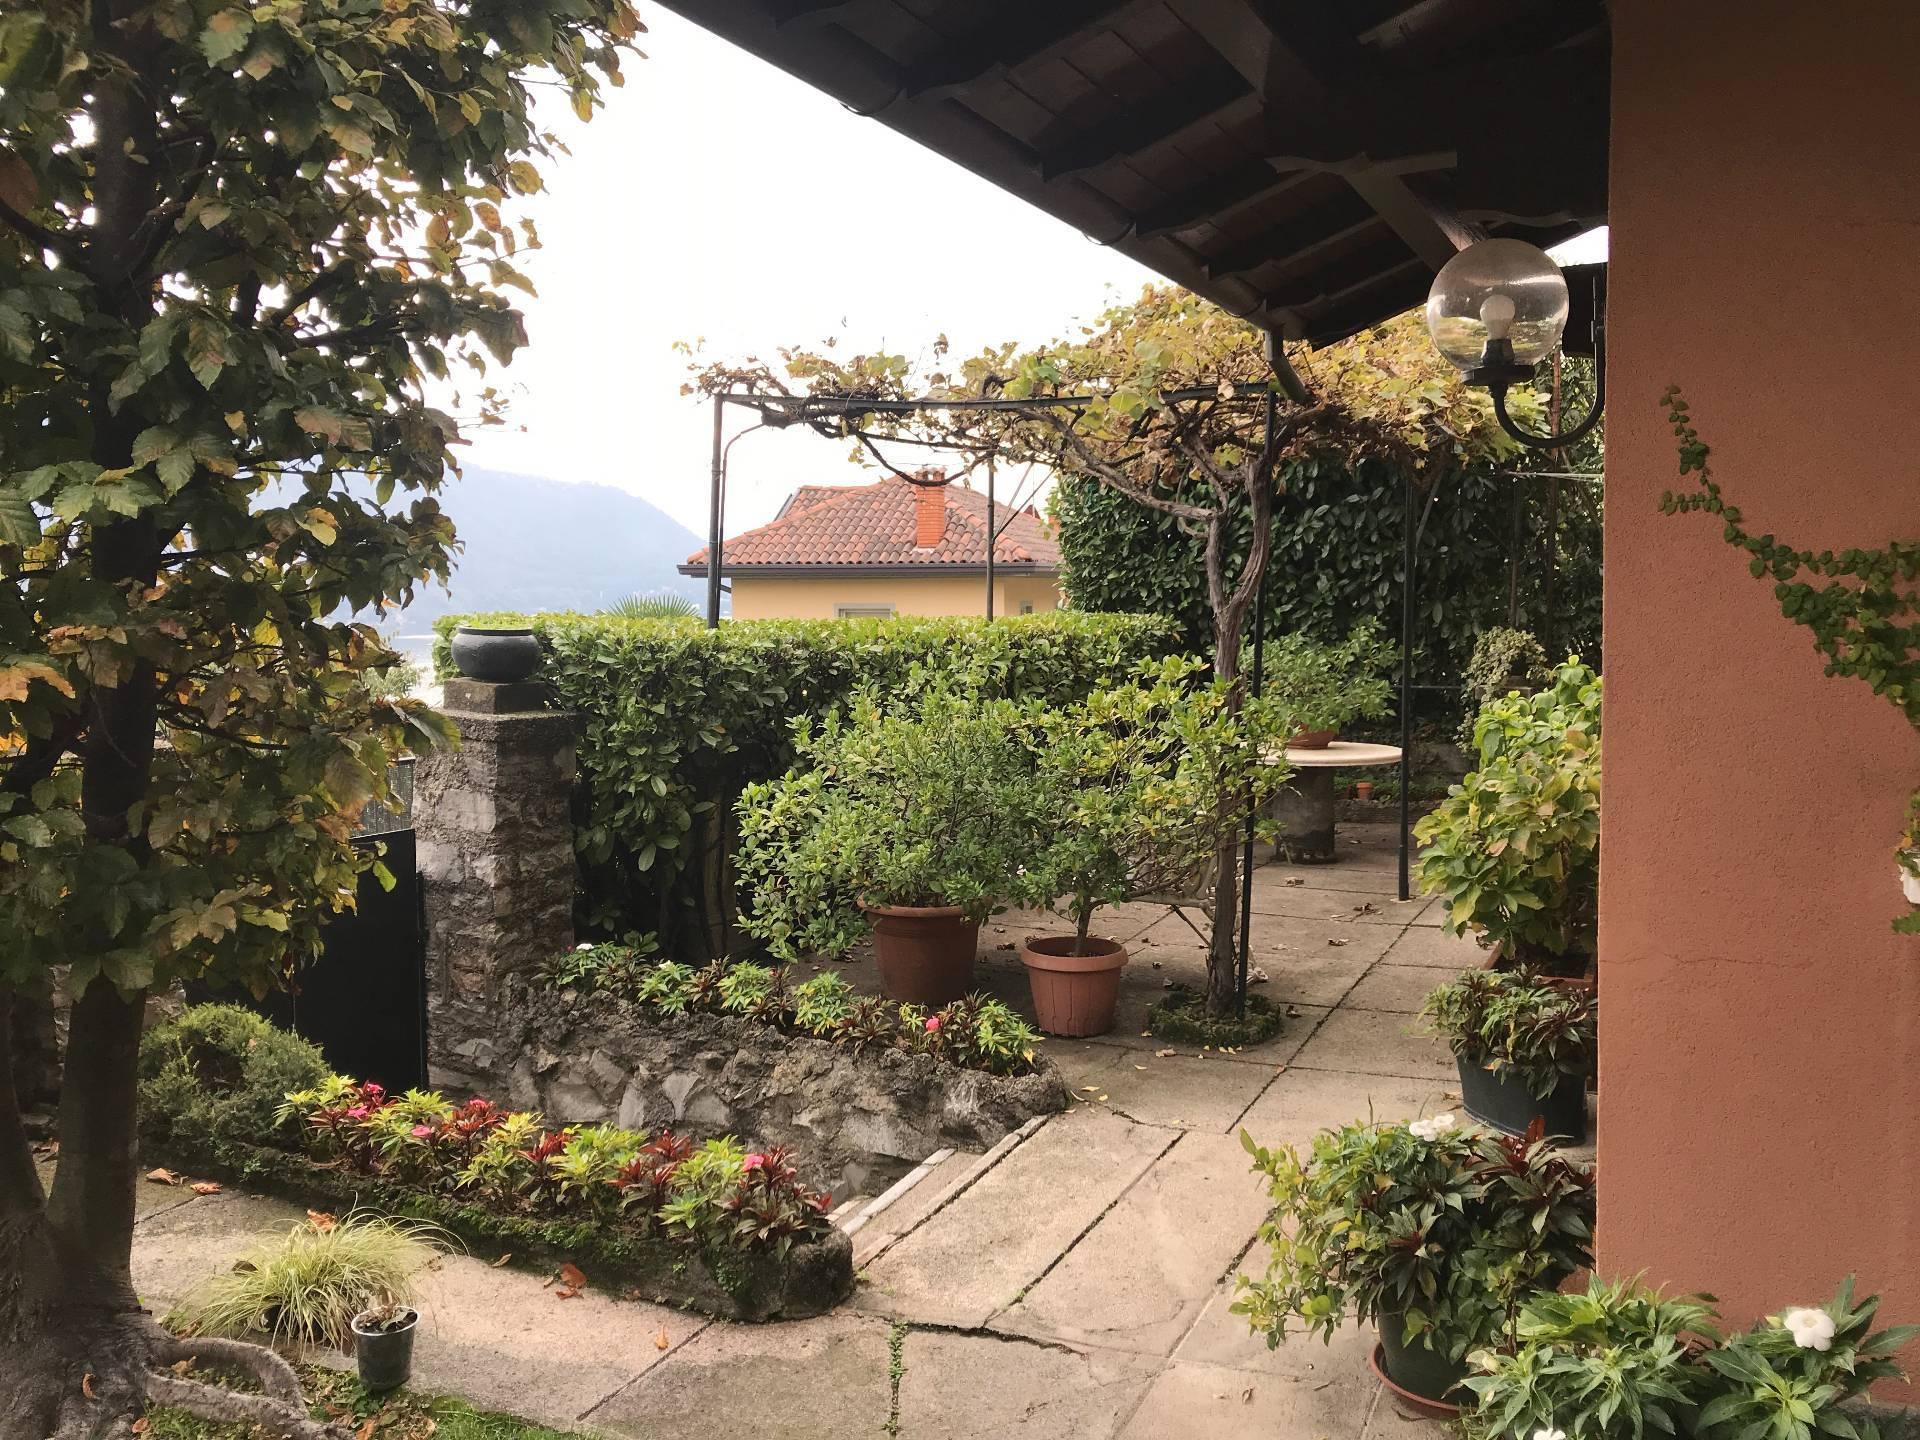 Villa in Vendita a Moltrasio: 5 locali, 230 mq - Foto 8